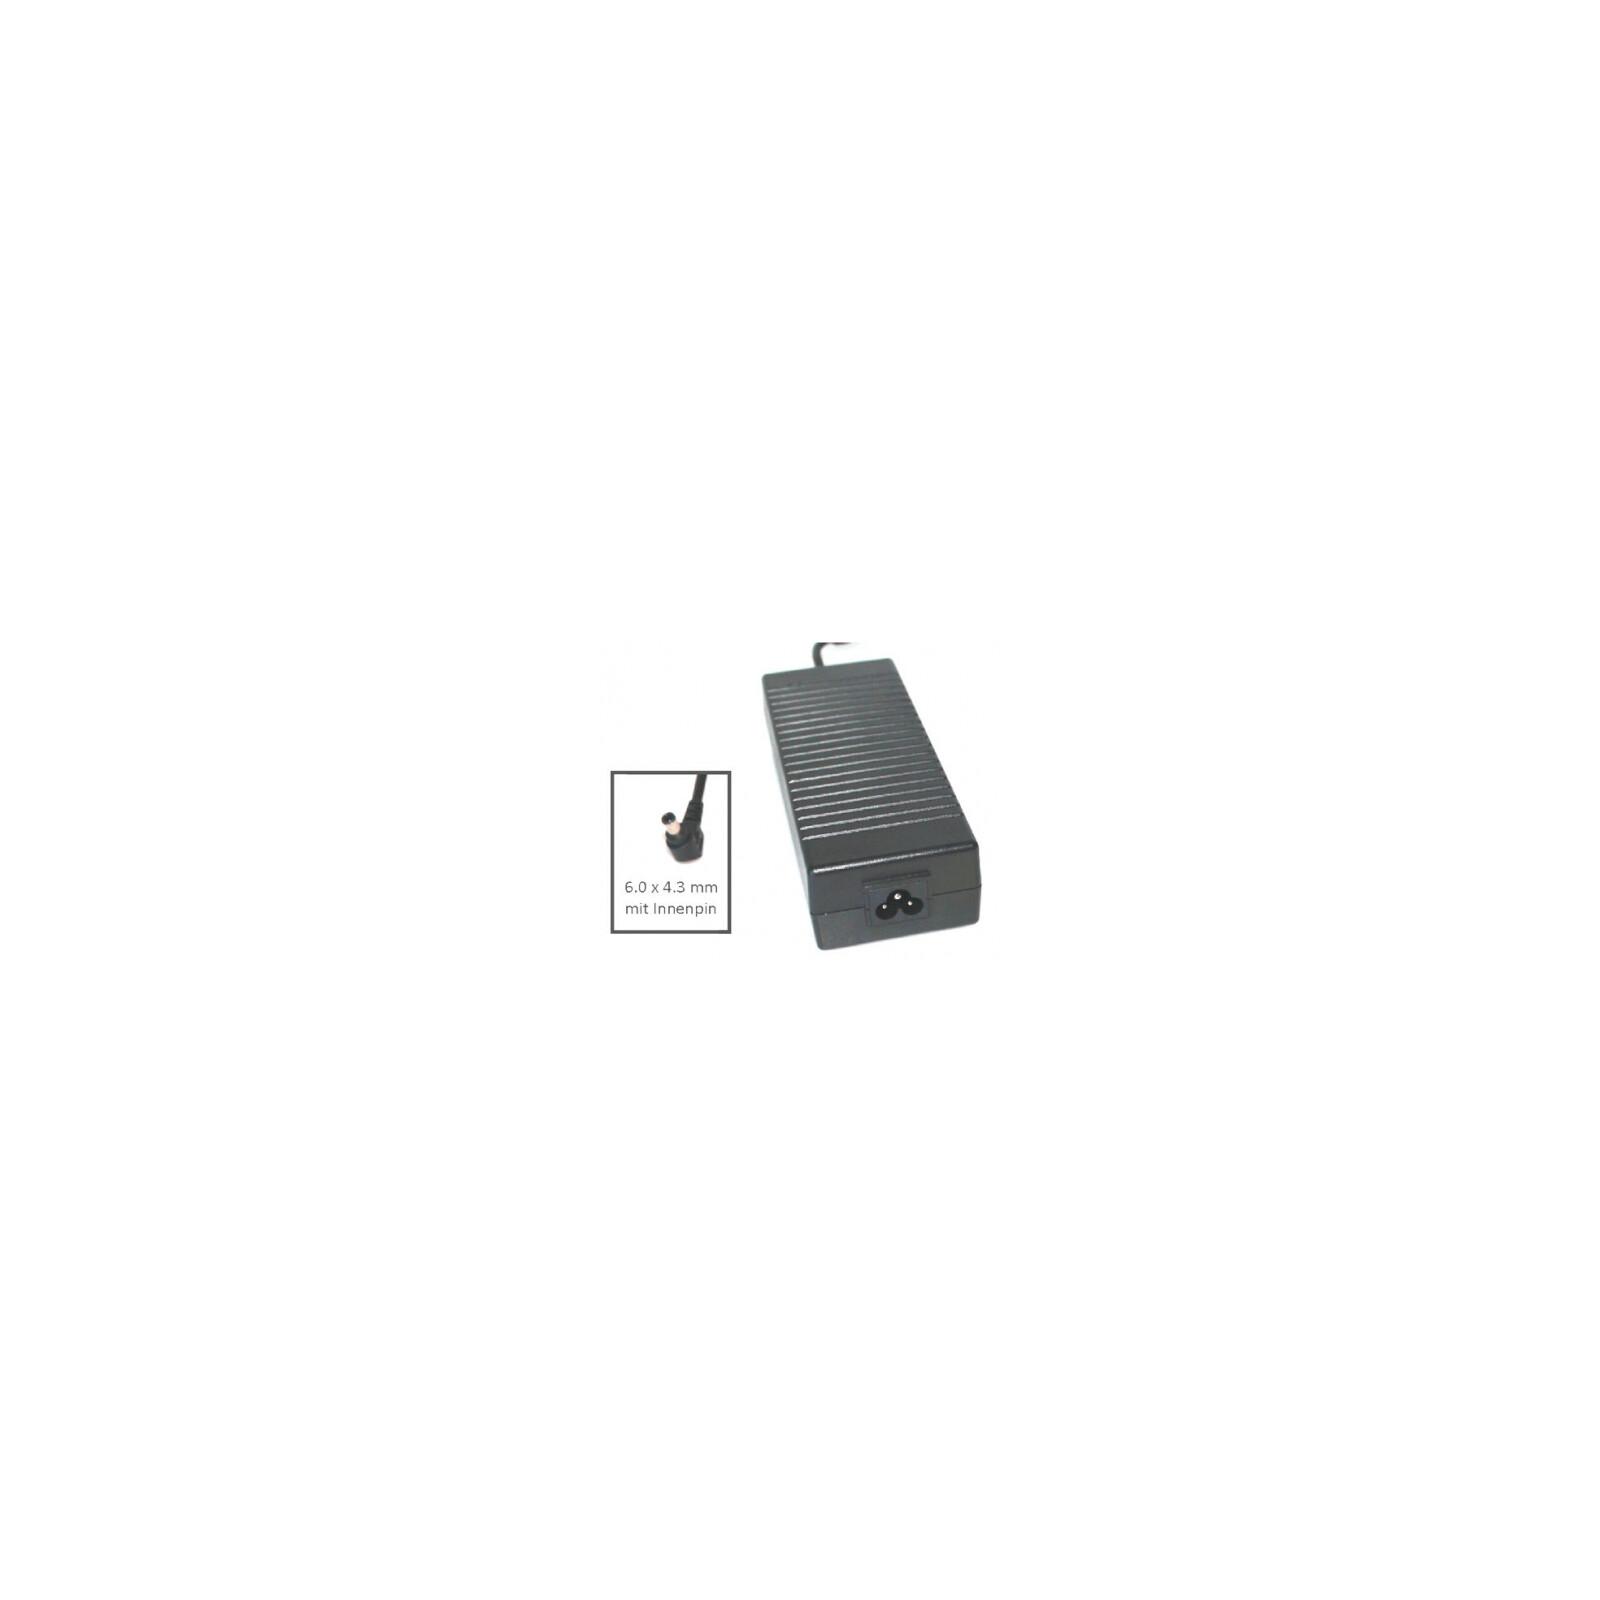 AGI Netzteil Toshiba Satellite P500-12E 120W